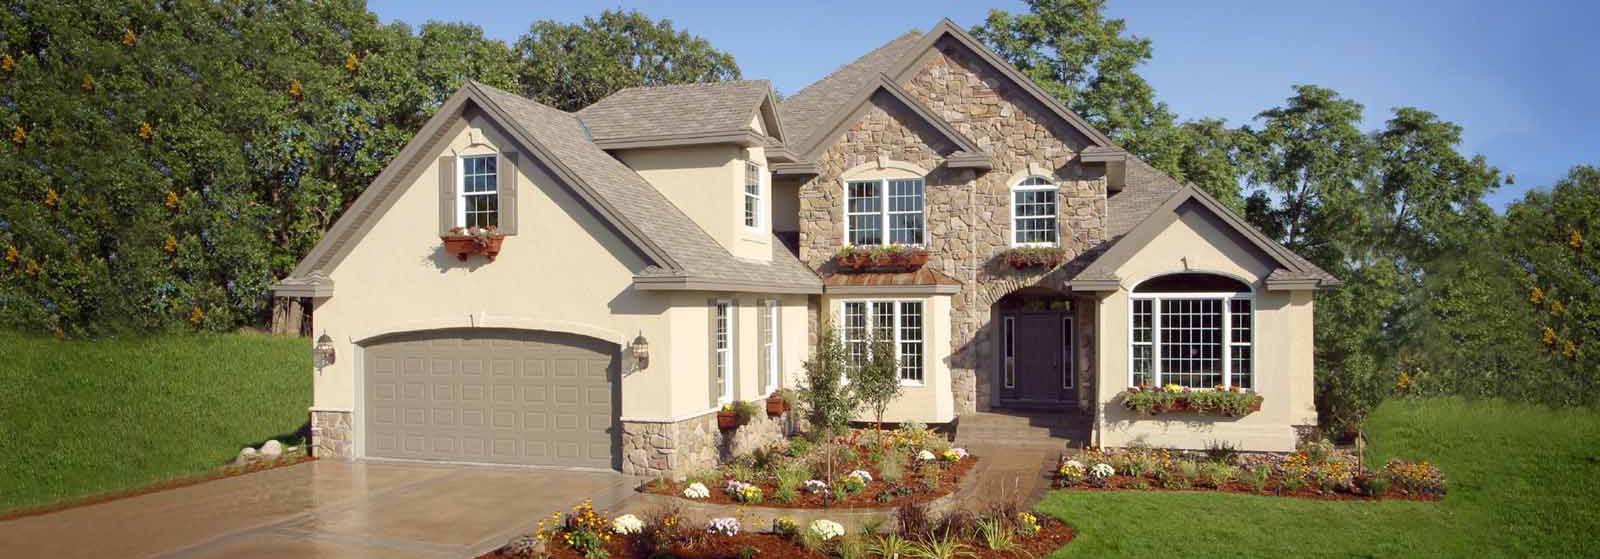 Kindred-real-estate